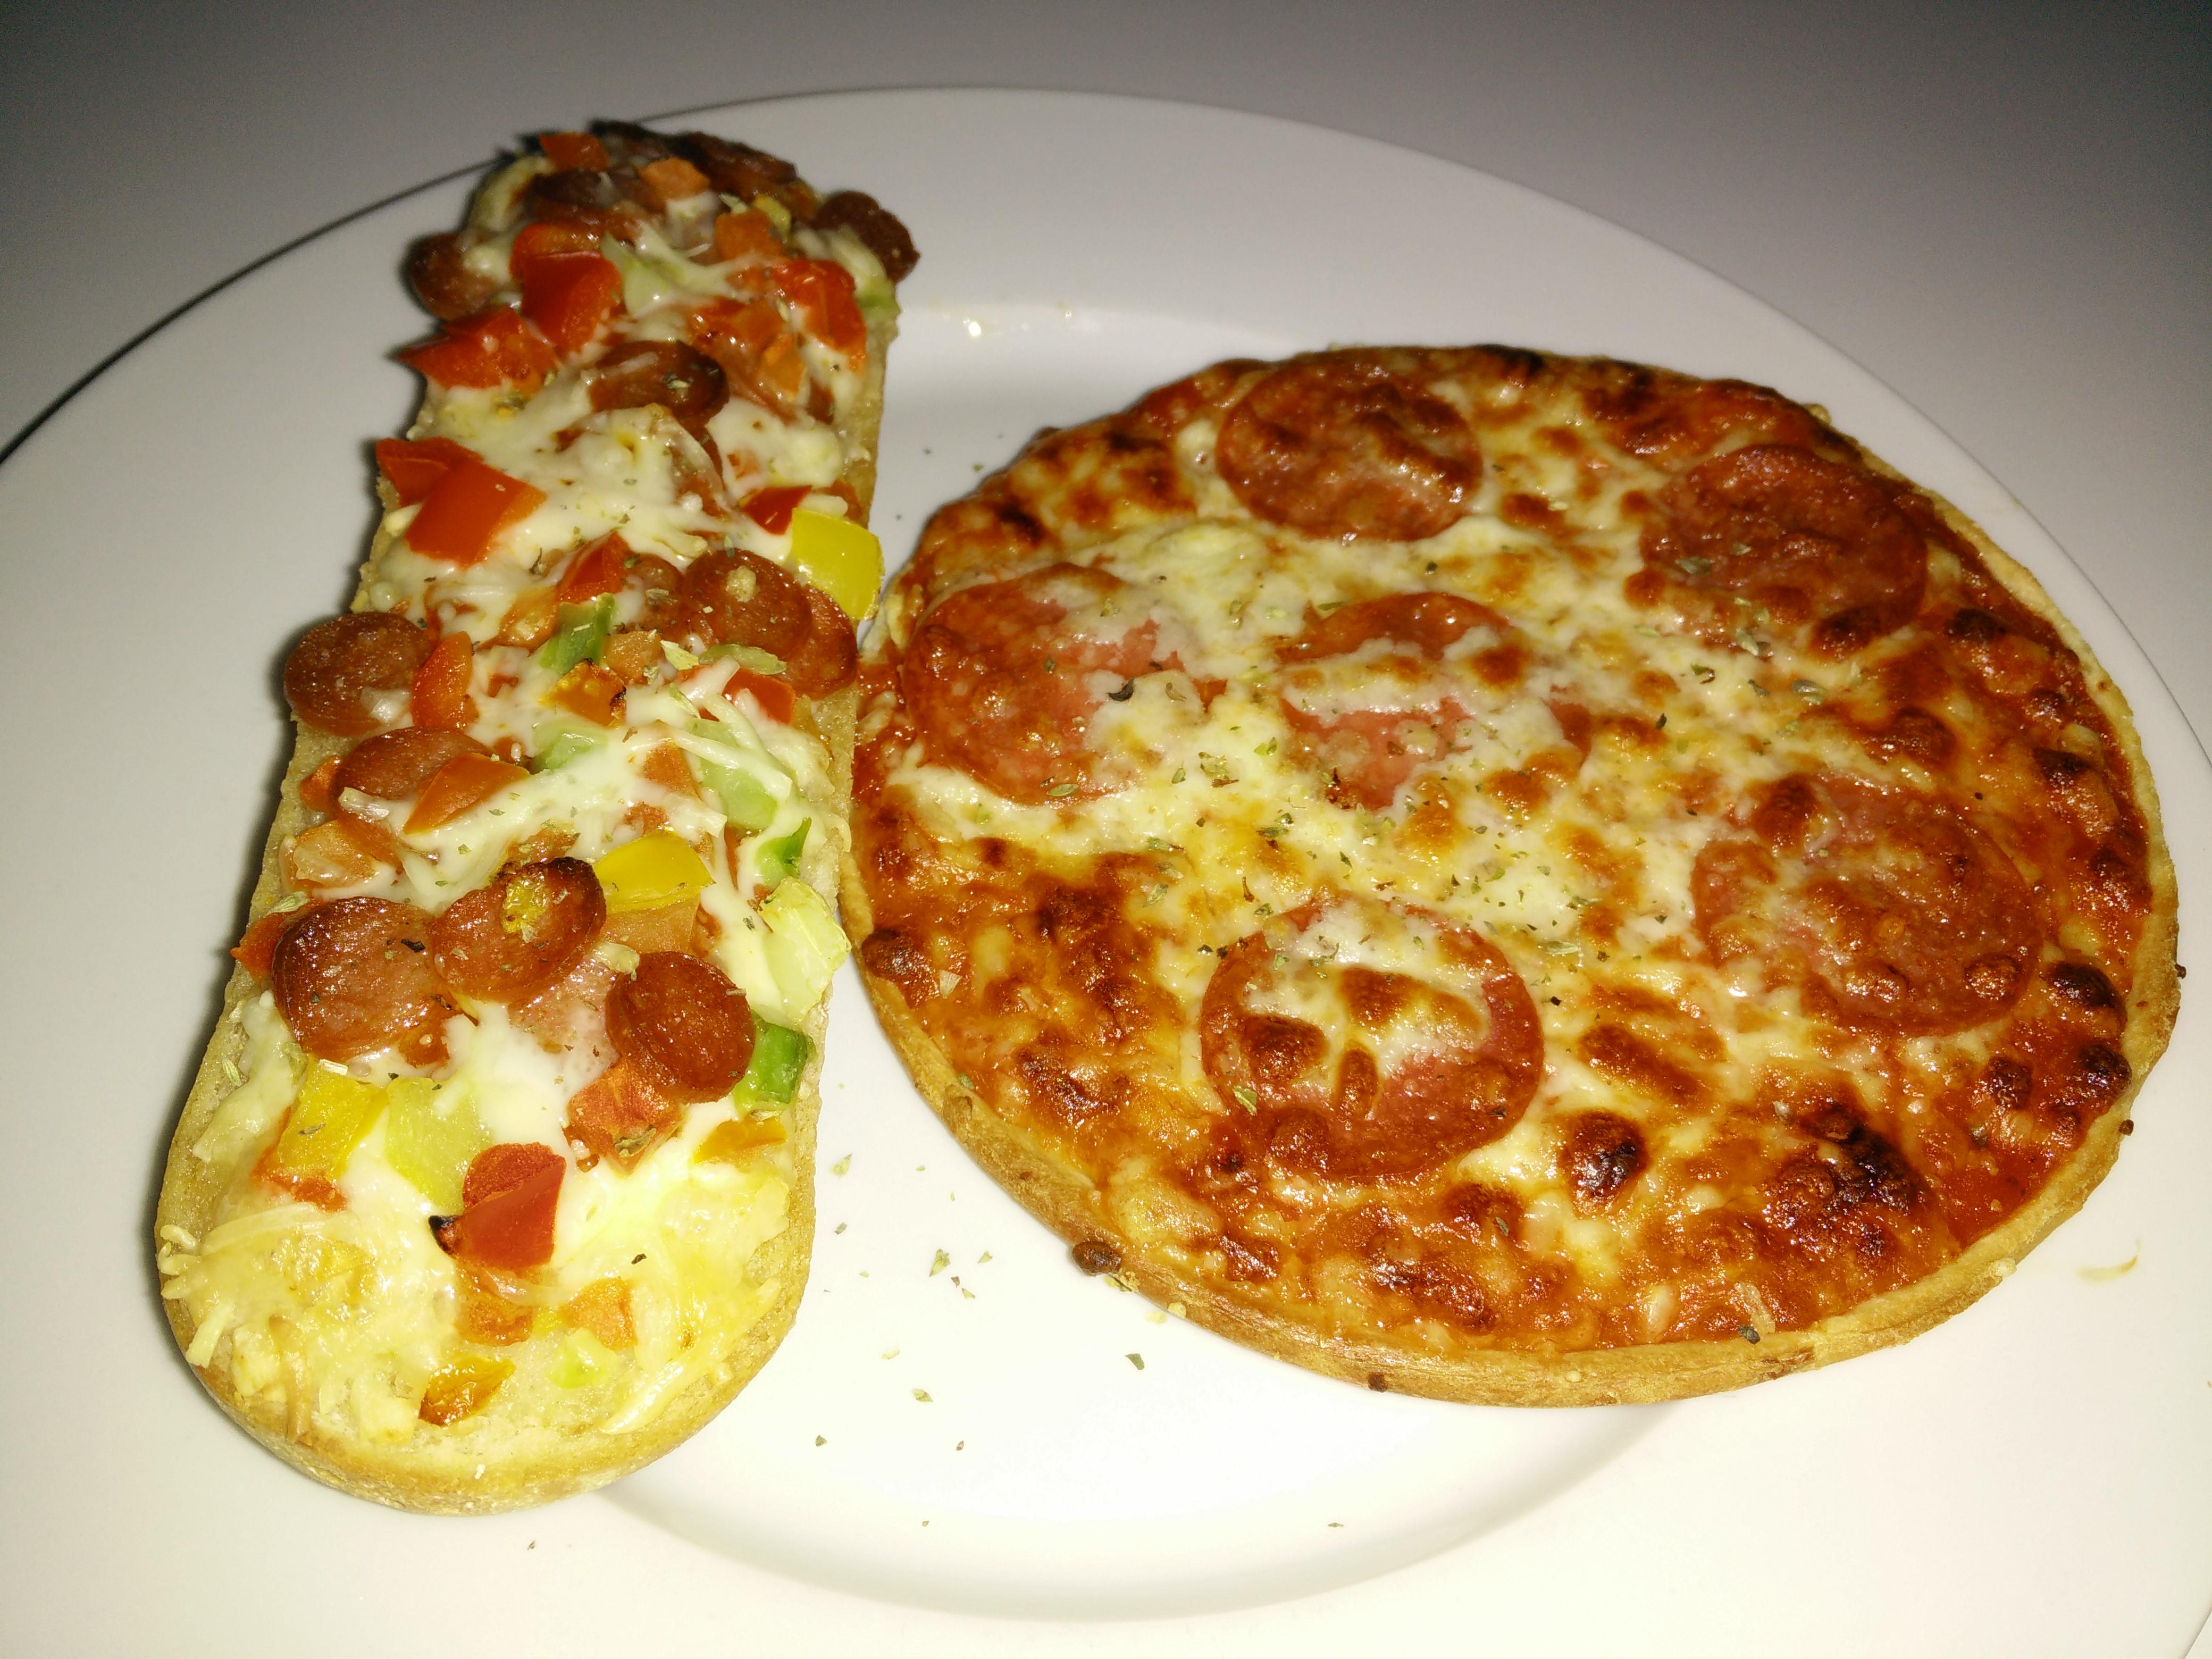 https://foodloader.net/Holz_2015-06-17_Bistro-Baguette_und_Pizza.jpg